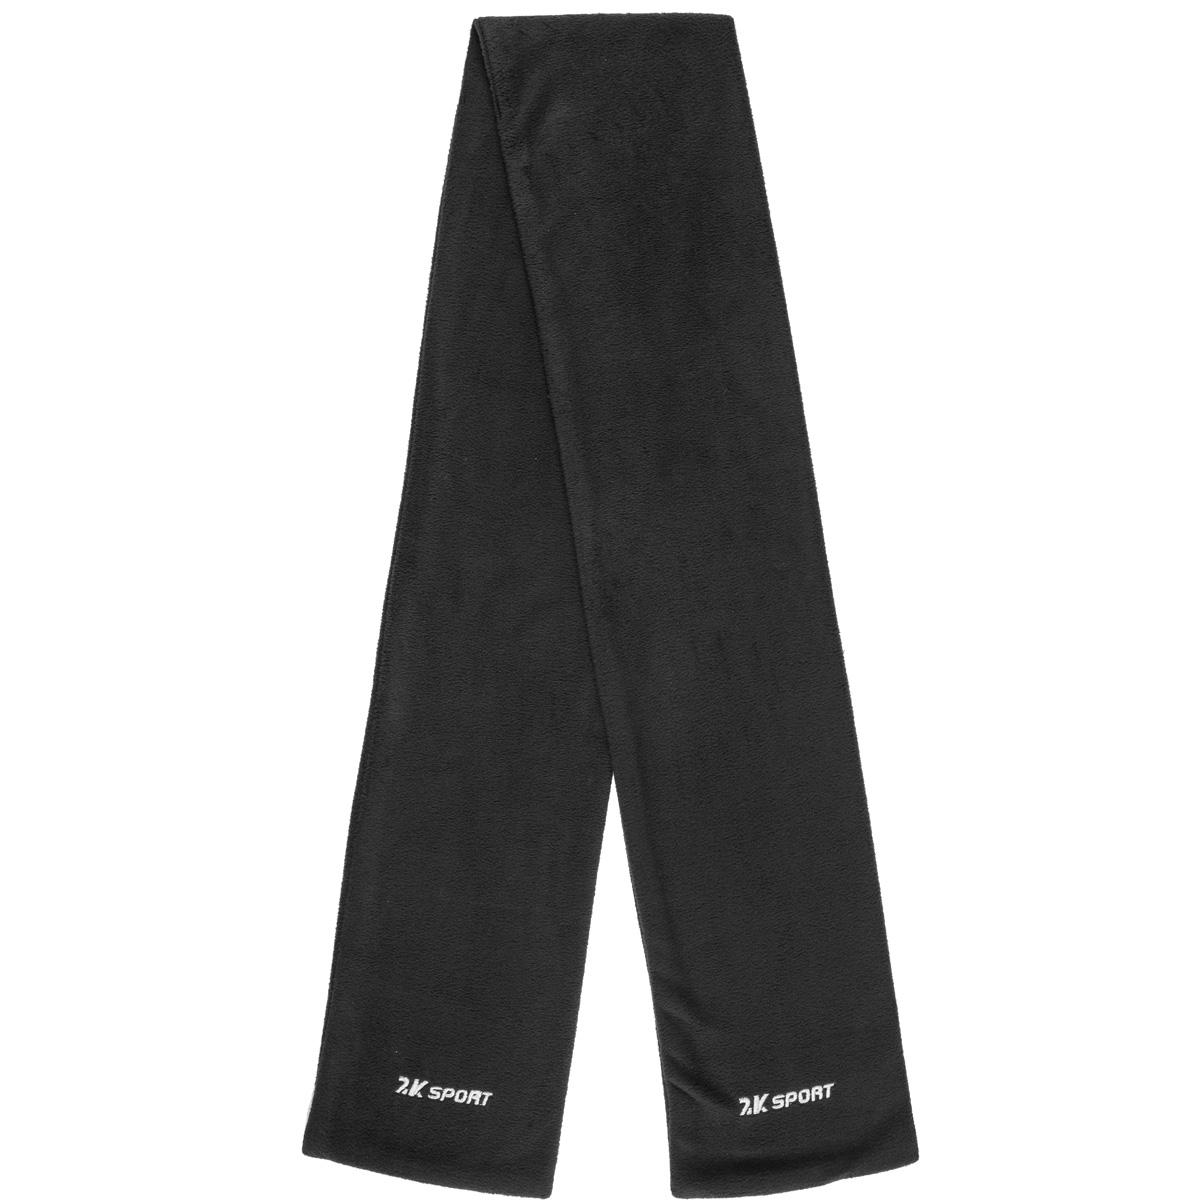 Шарф 2K Sport Classic, цвет: черный. 124035-2. Размер универсальный124035-2_blackТеплый флисовый шарф. Отлично защитит от холода.